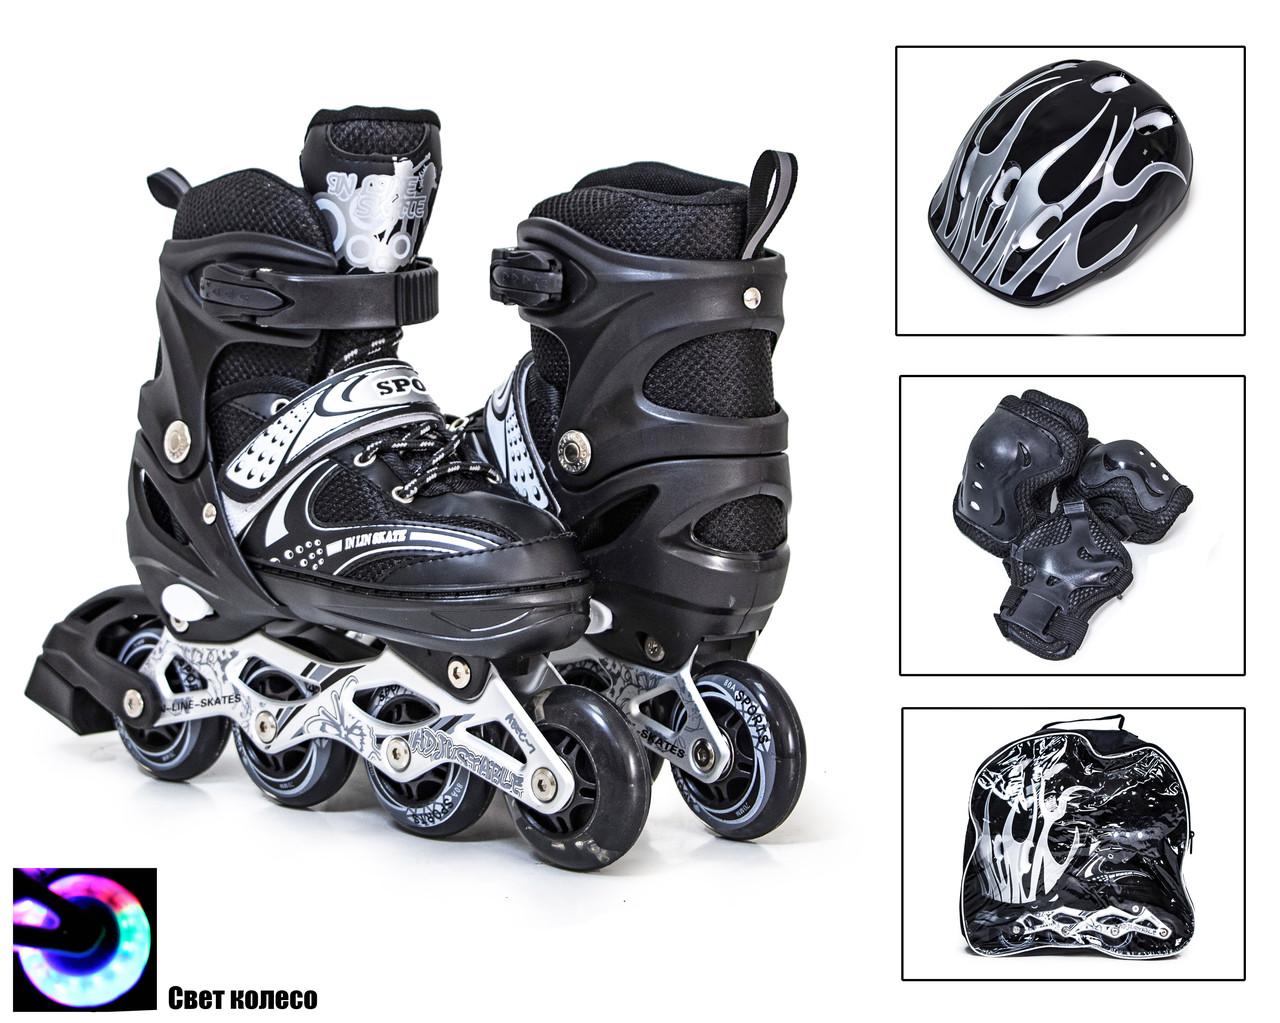 Комплект роликові ковзани Happy Black розмір 29-33, чорні, світяться колеса